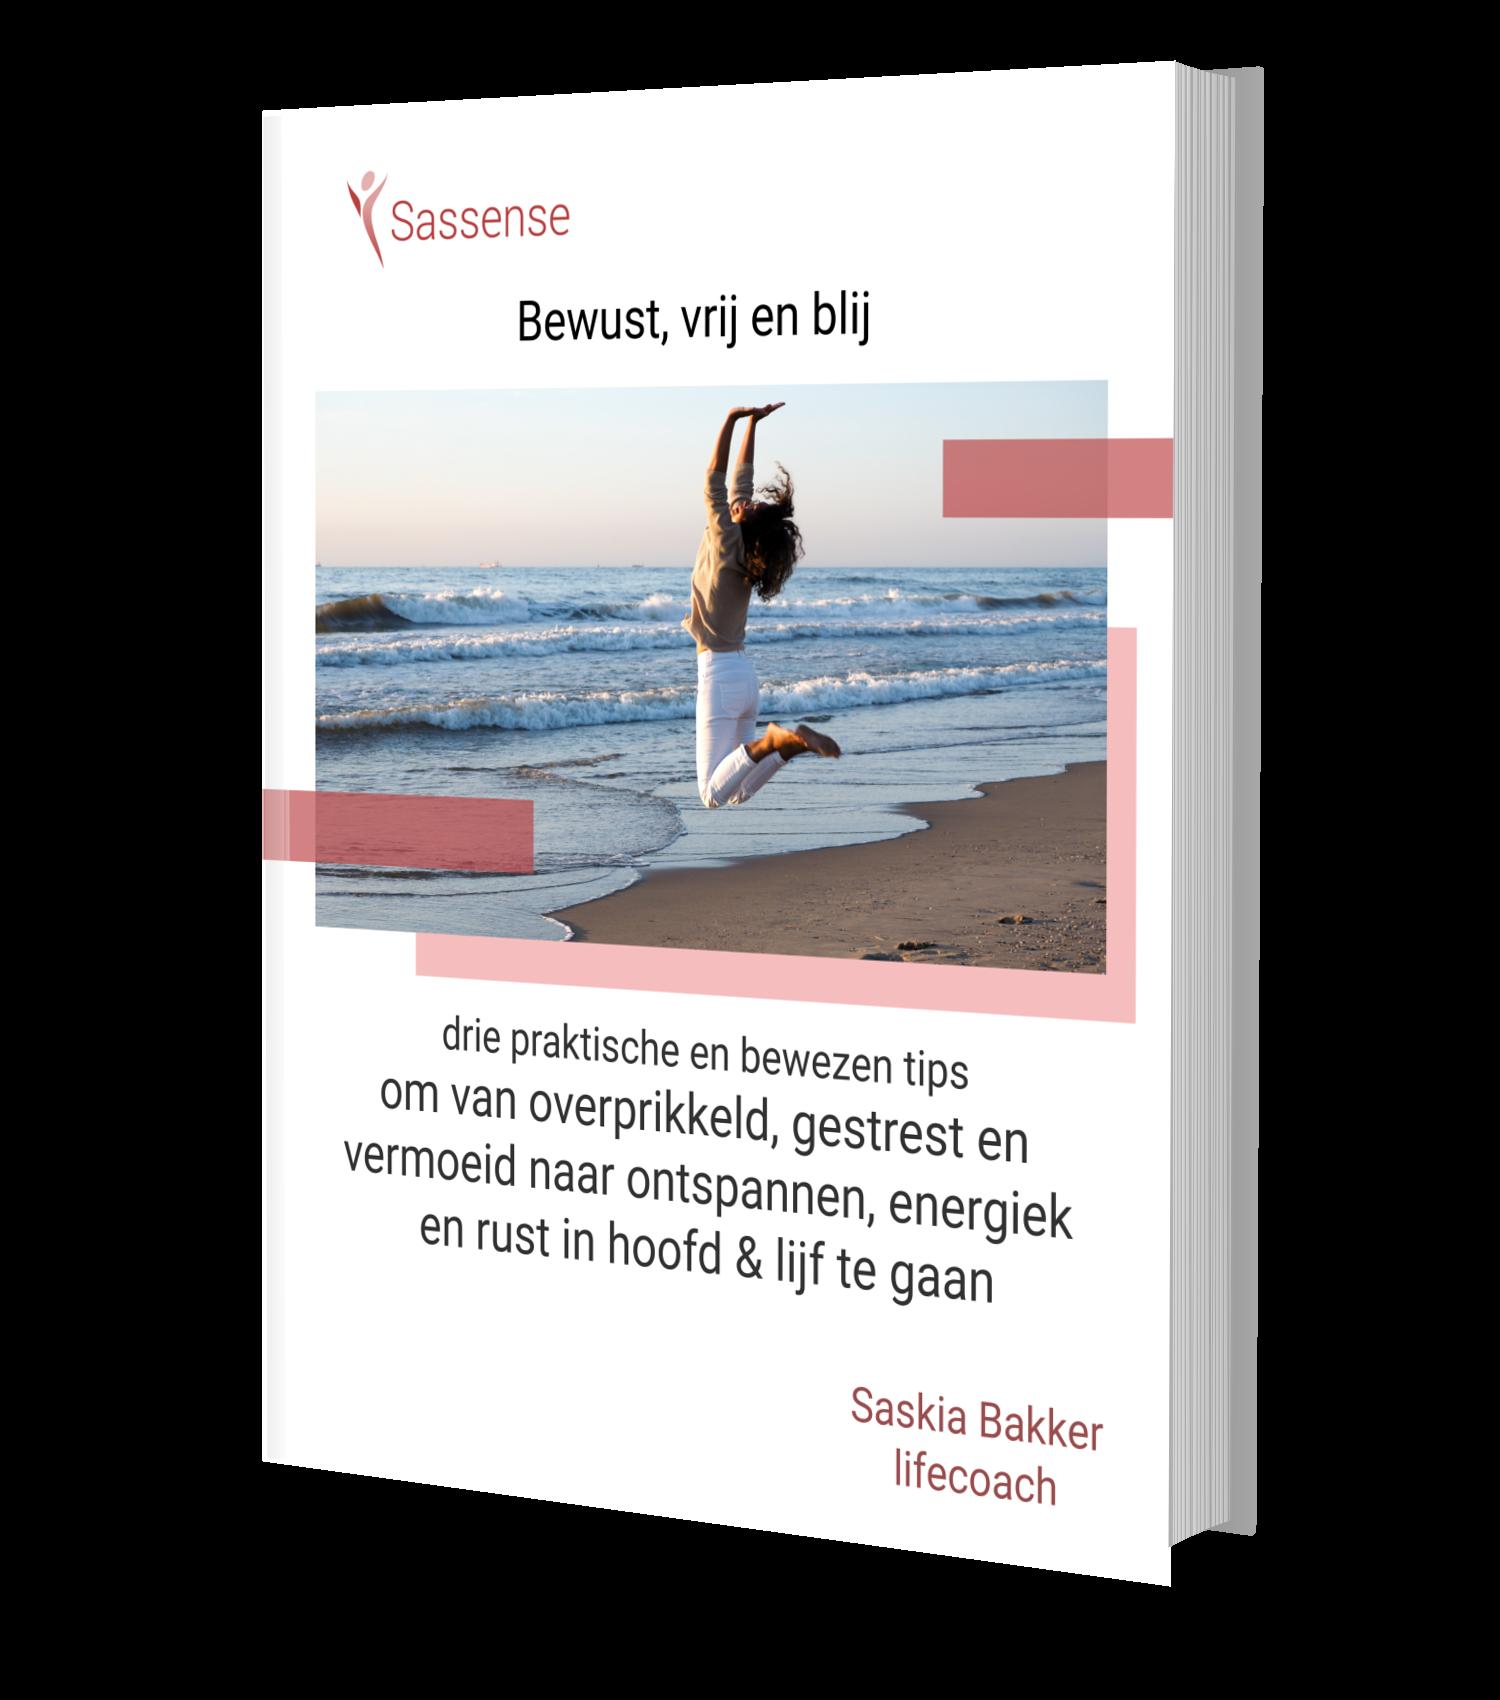 Tips voor ontspanning, rust en energie